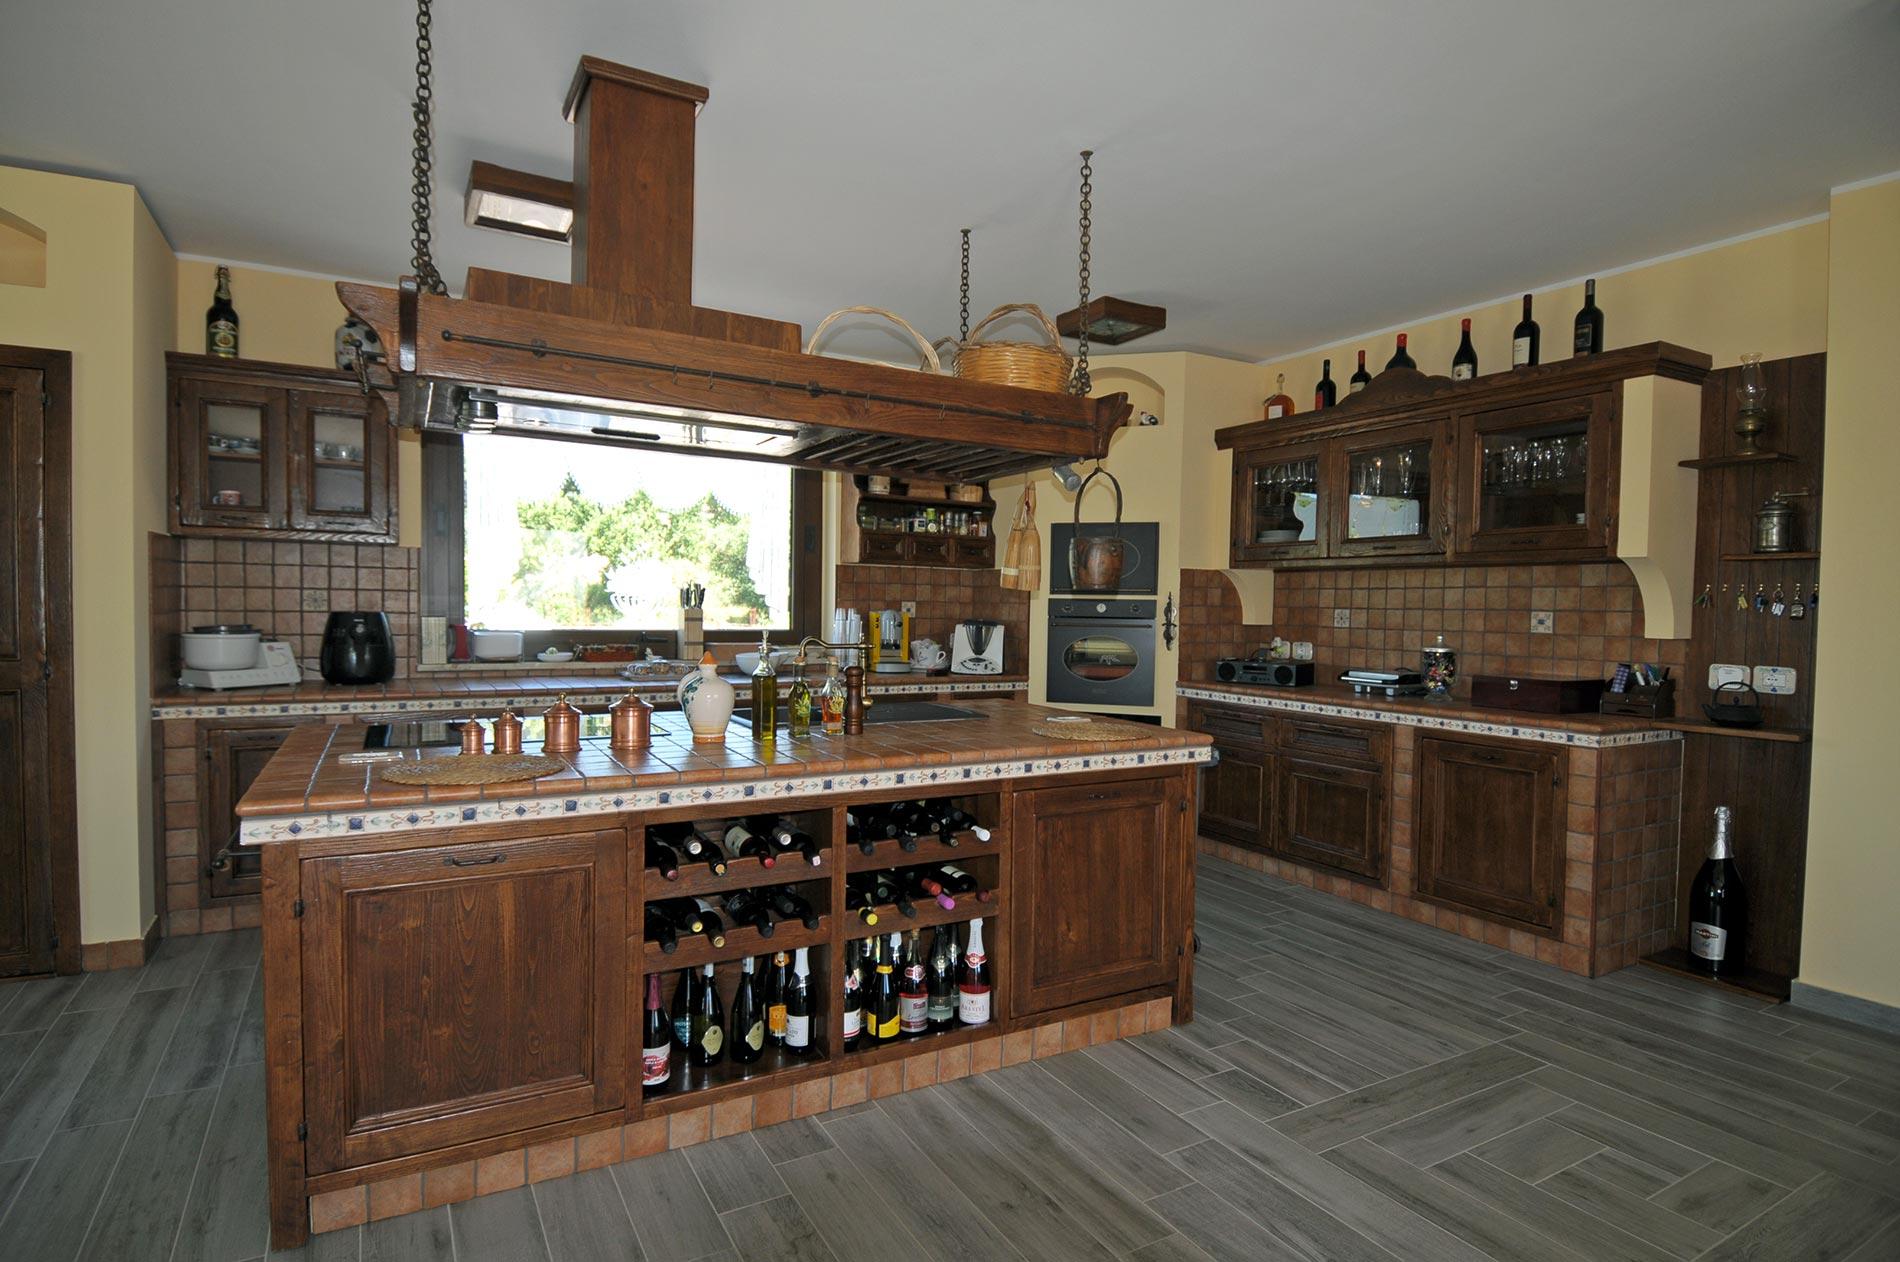 Modelli Di Cucina In Muratura. Beautiful Cucina In Muratura Marchi ...